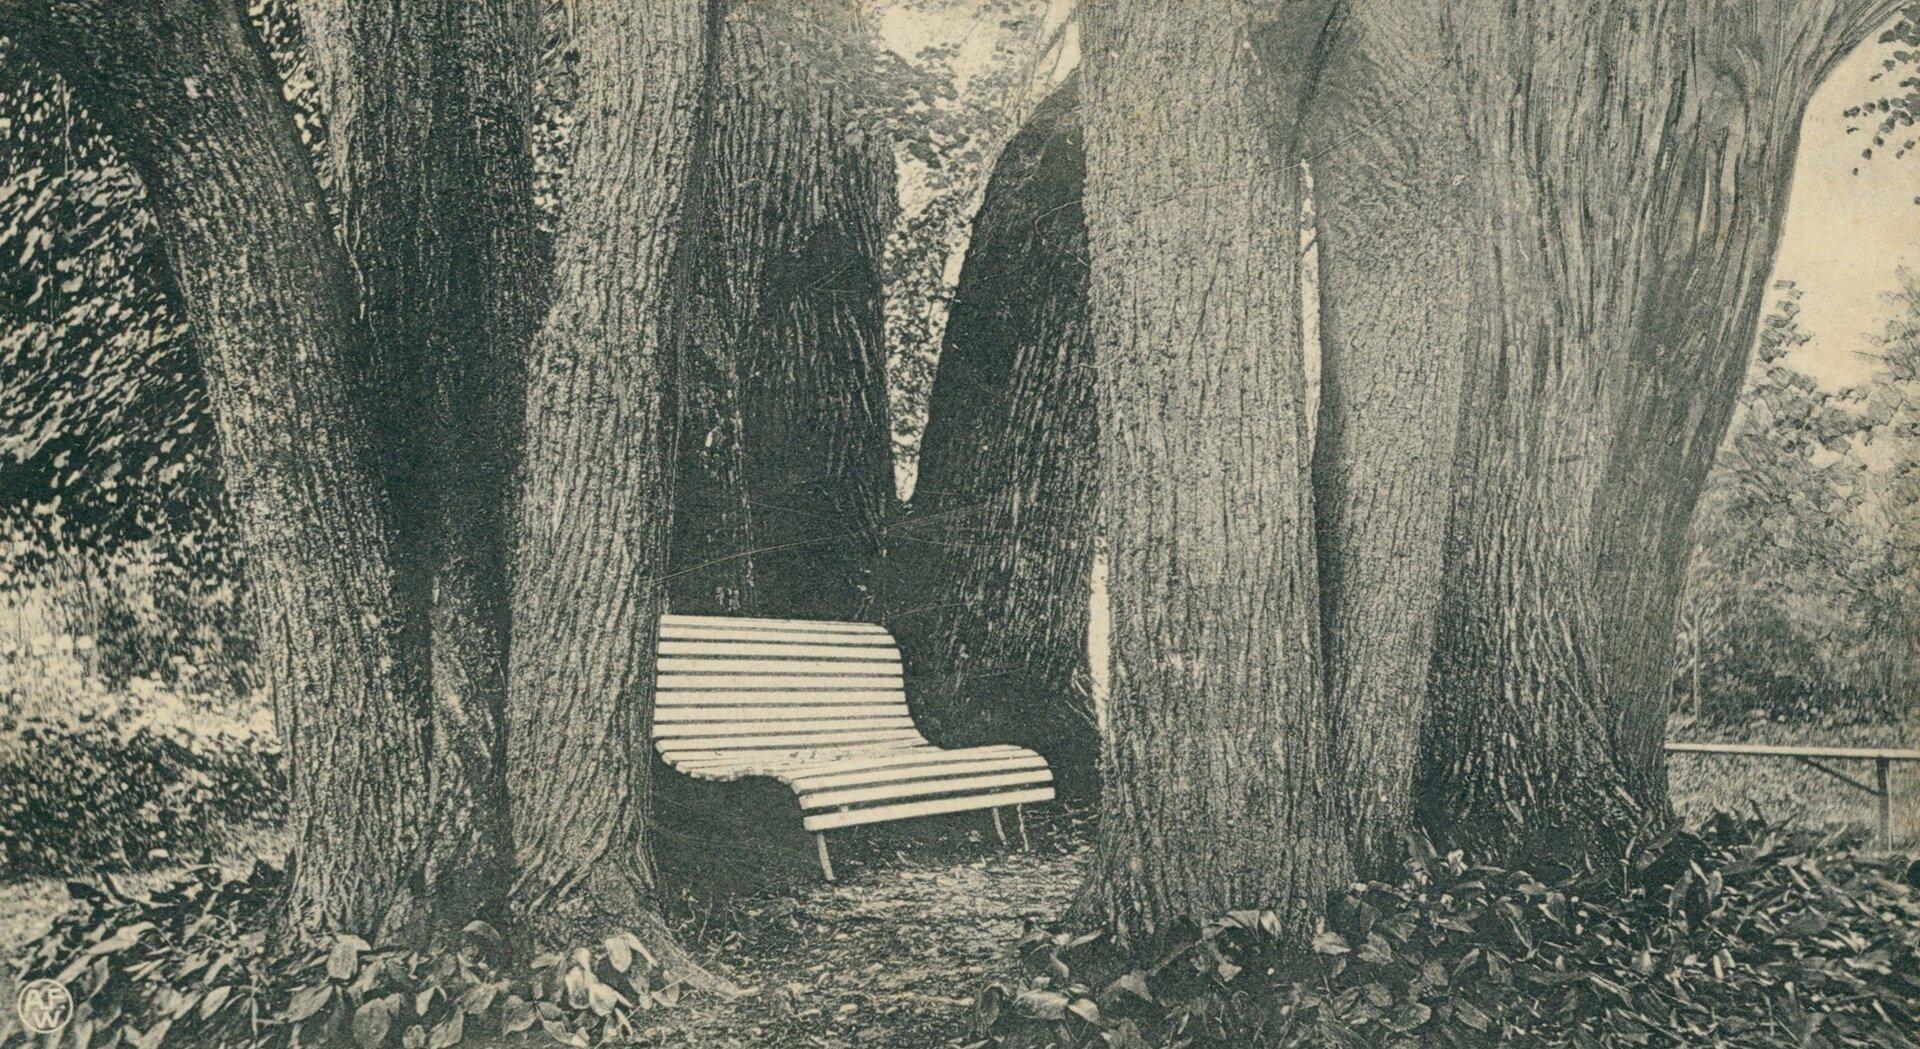 Nowogródek. Dąb-altana, gdzie Mickiewicz pracował wmłodości Nowogródek. Dąb-altana, gdzie Mickiewicz pracował wmłodości Źródło: 1912, pocztówka, domena publiczna.